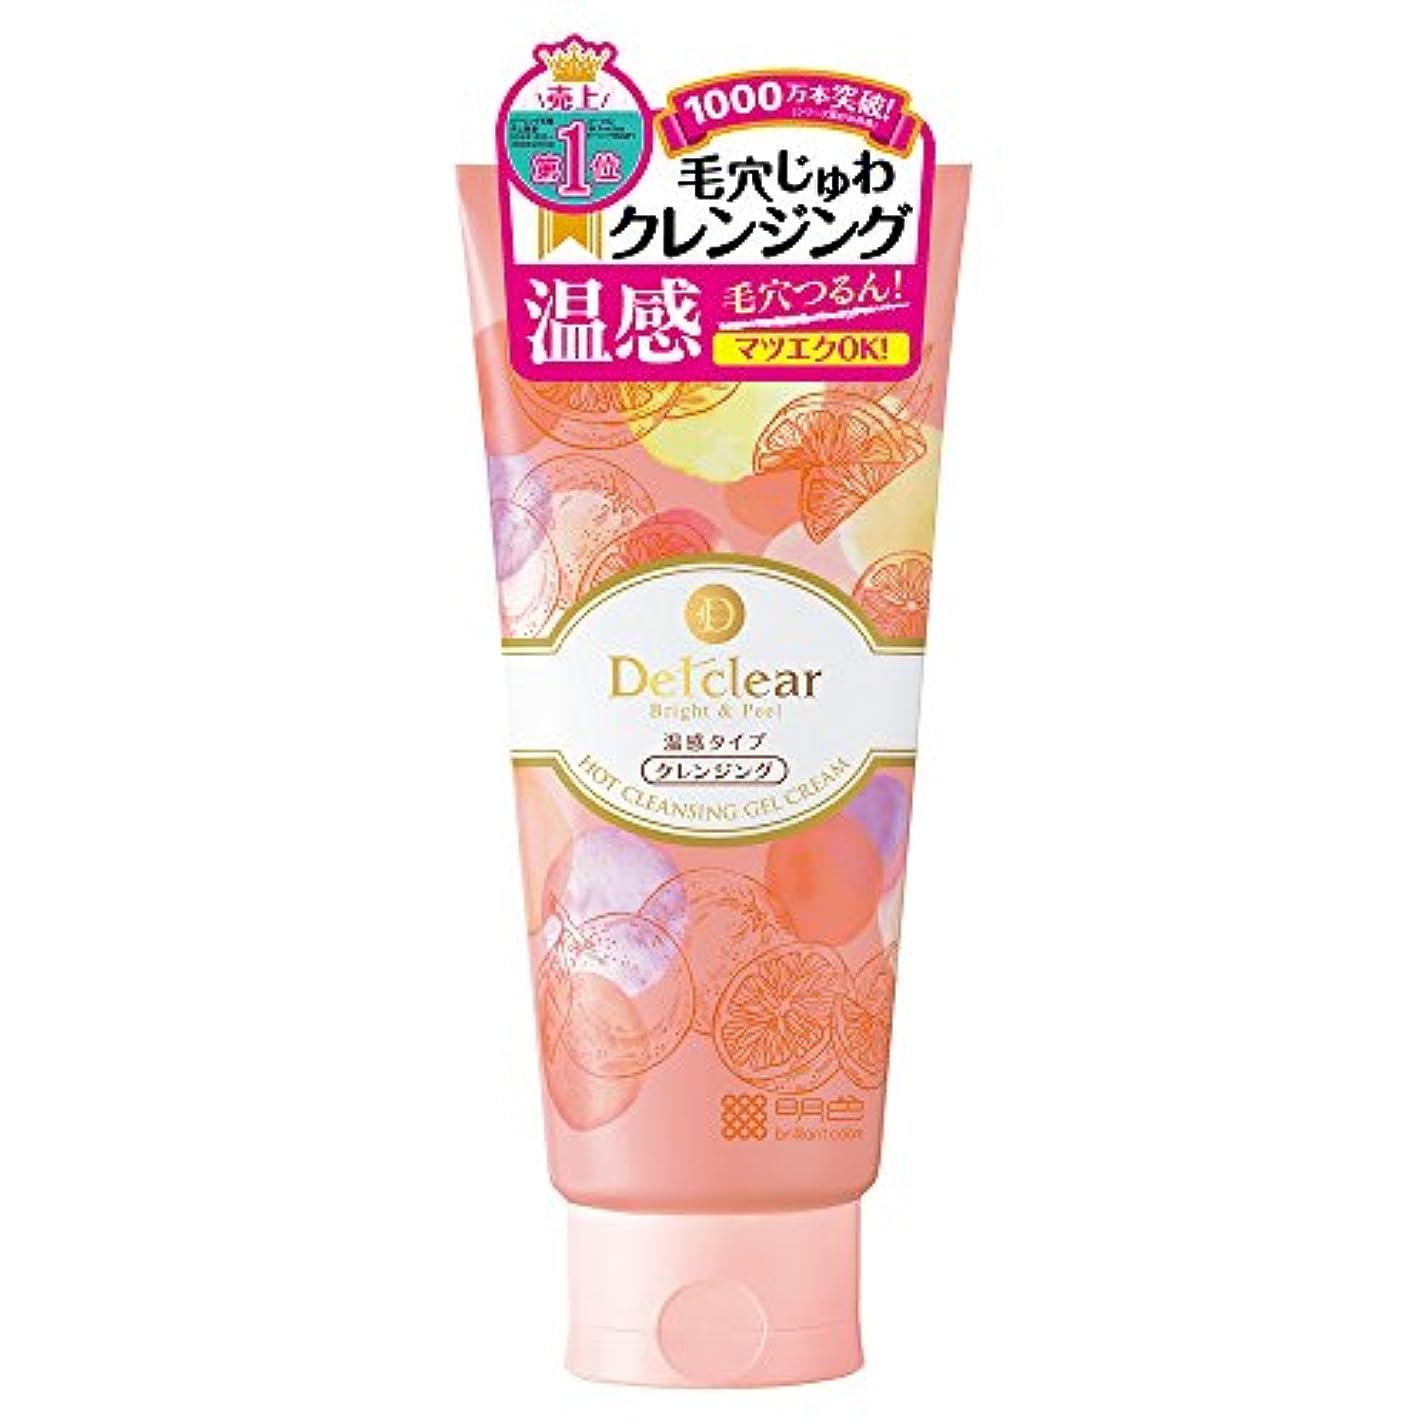 抽出魚ごめんなさいDETクリア ブライト&ピール ホットクレンジング ジェルクリーム 200g (日本製) ベルガモットオレンジの香り